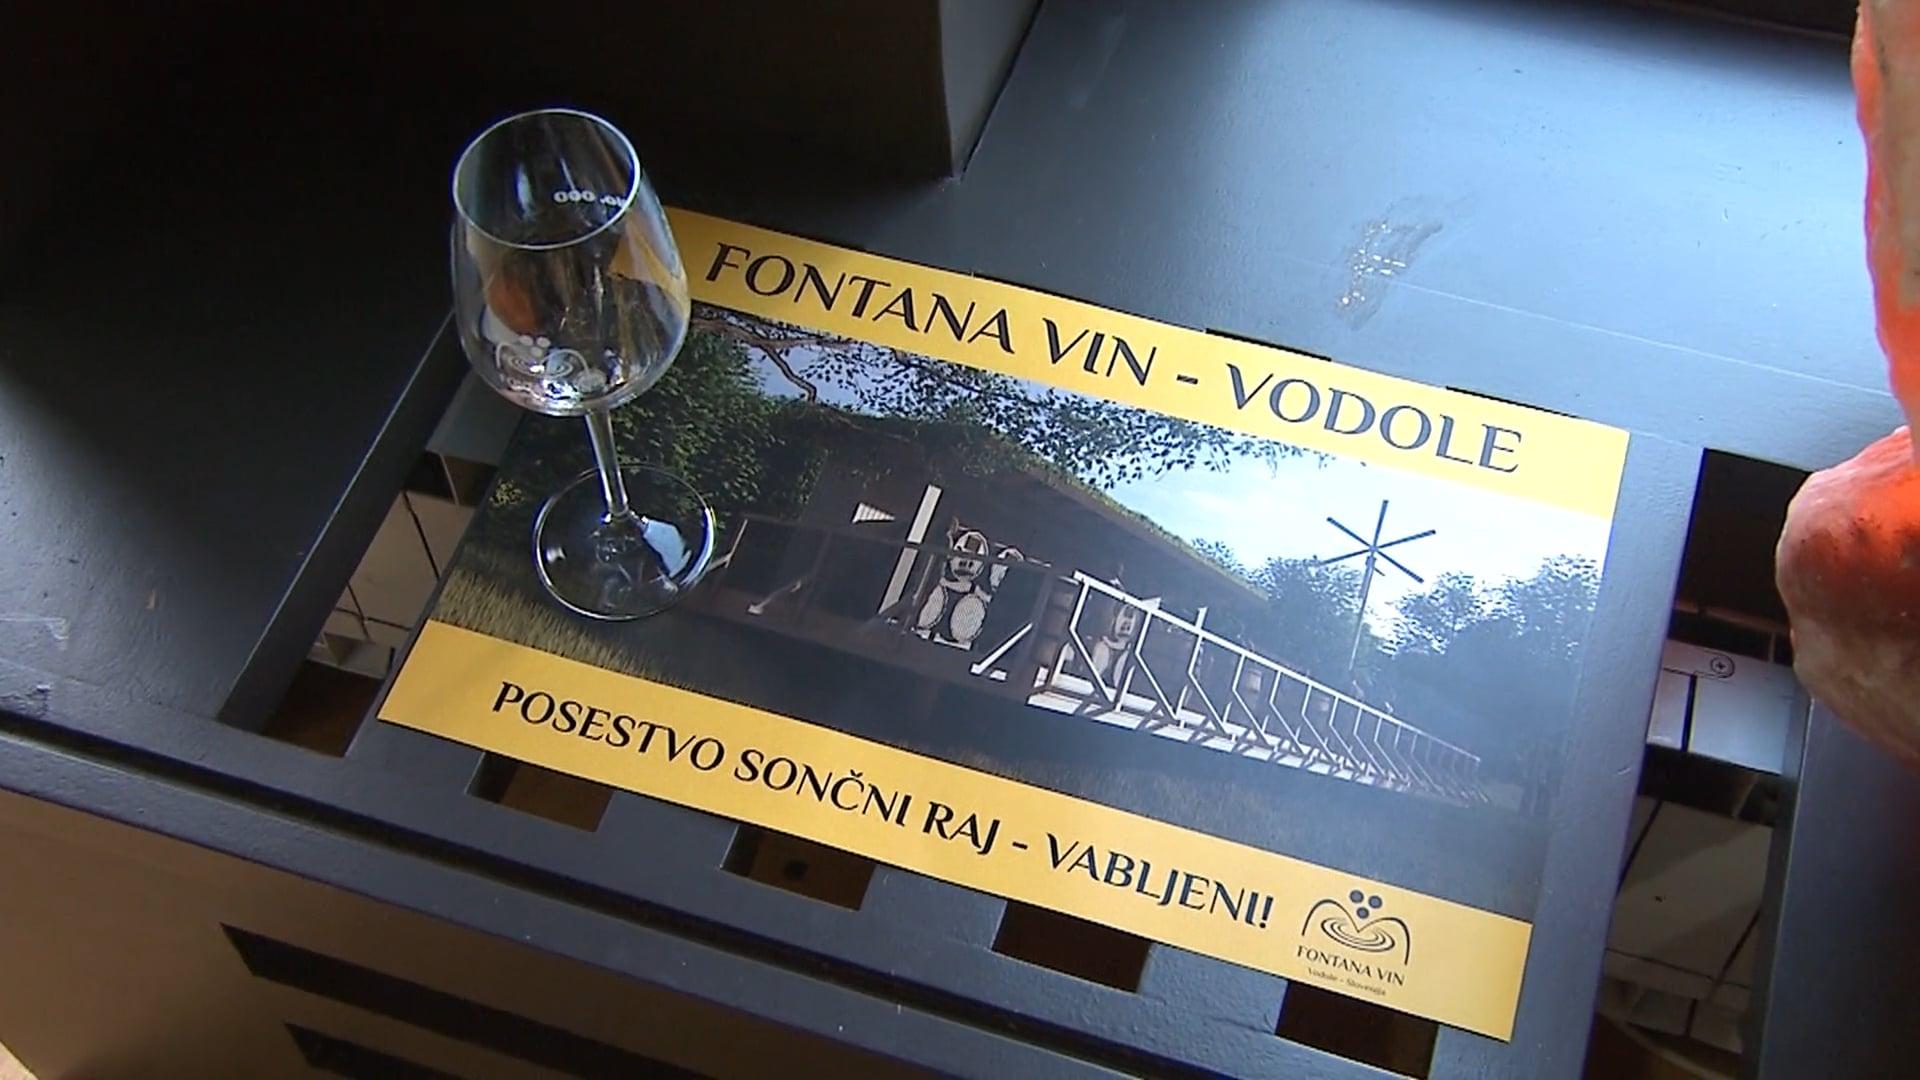 Odpira se največja fontana vin v tem delu Evrope